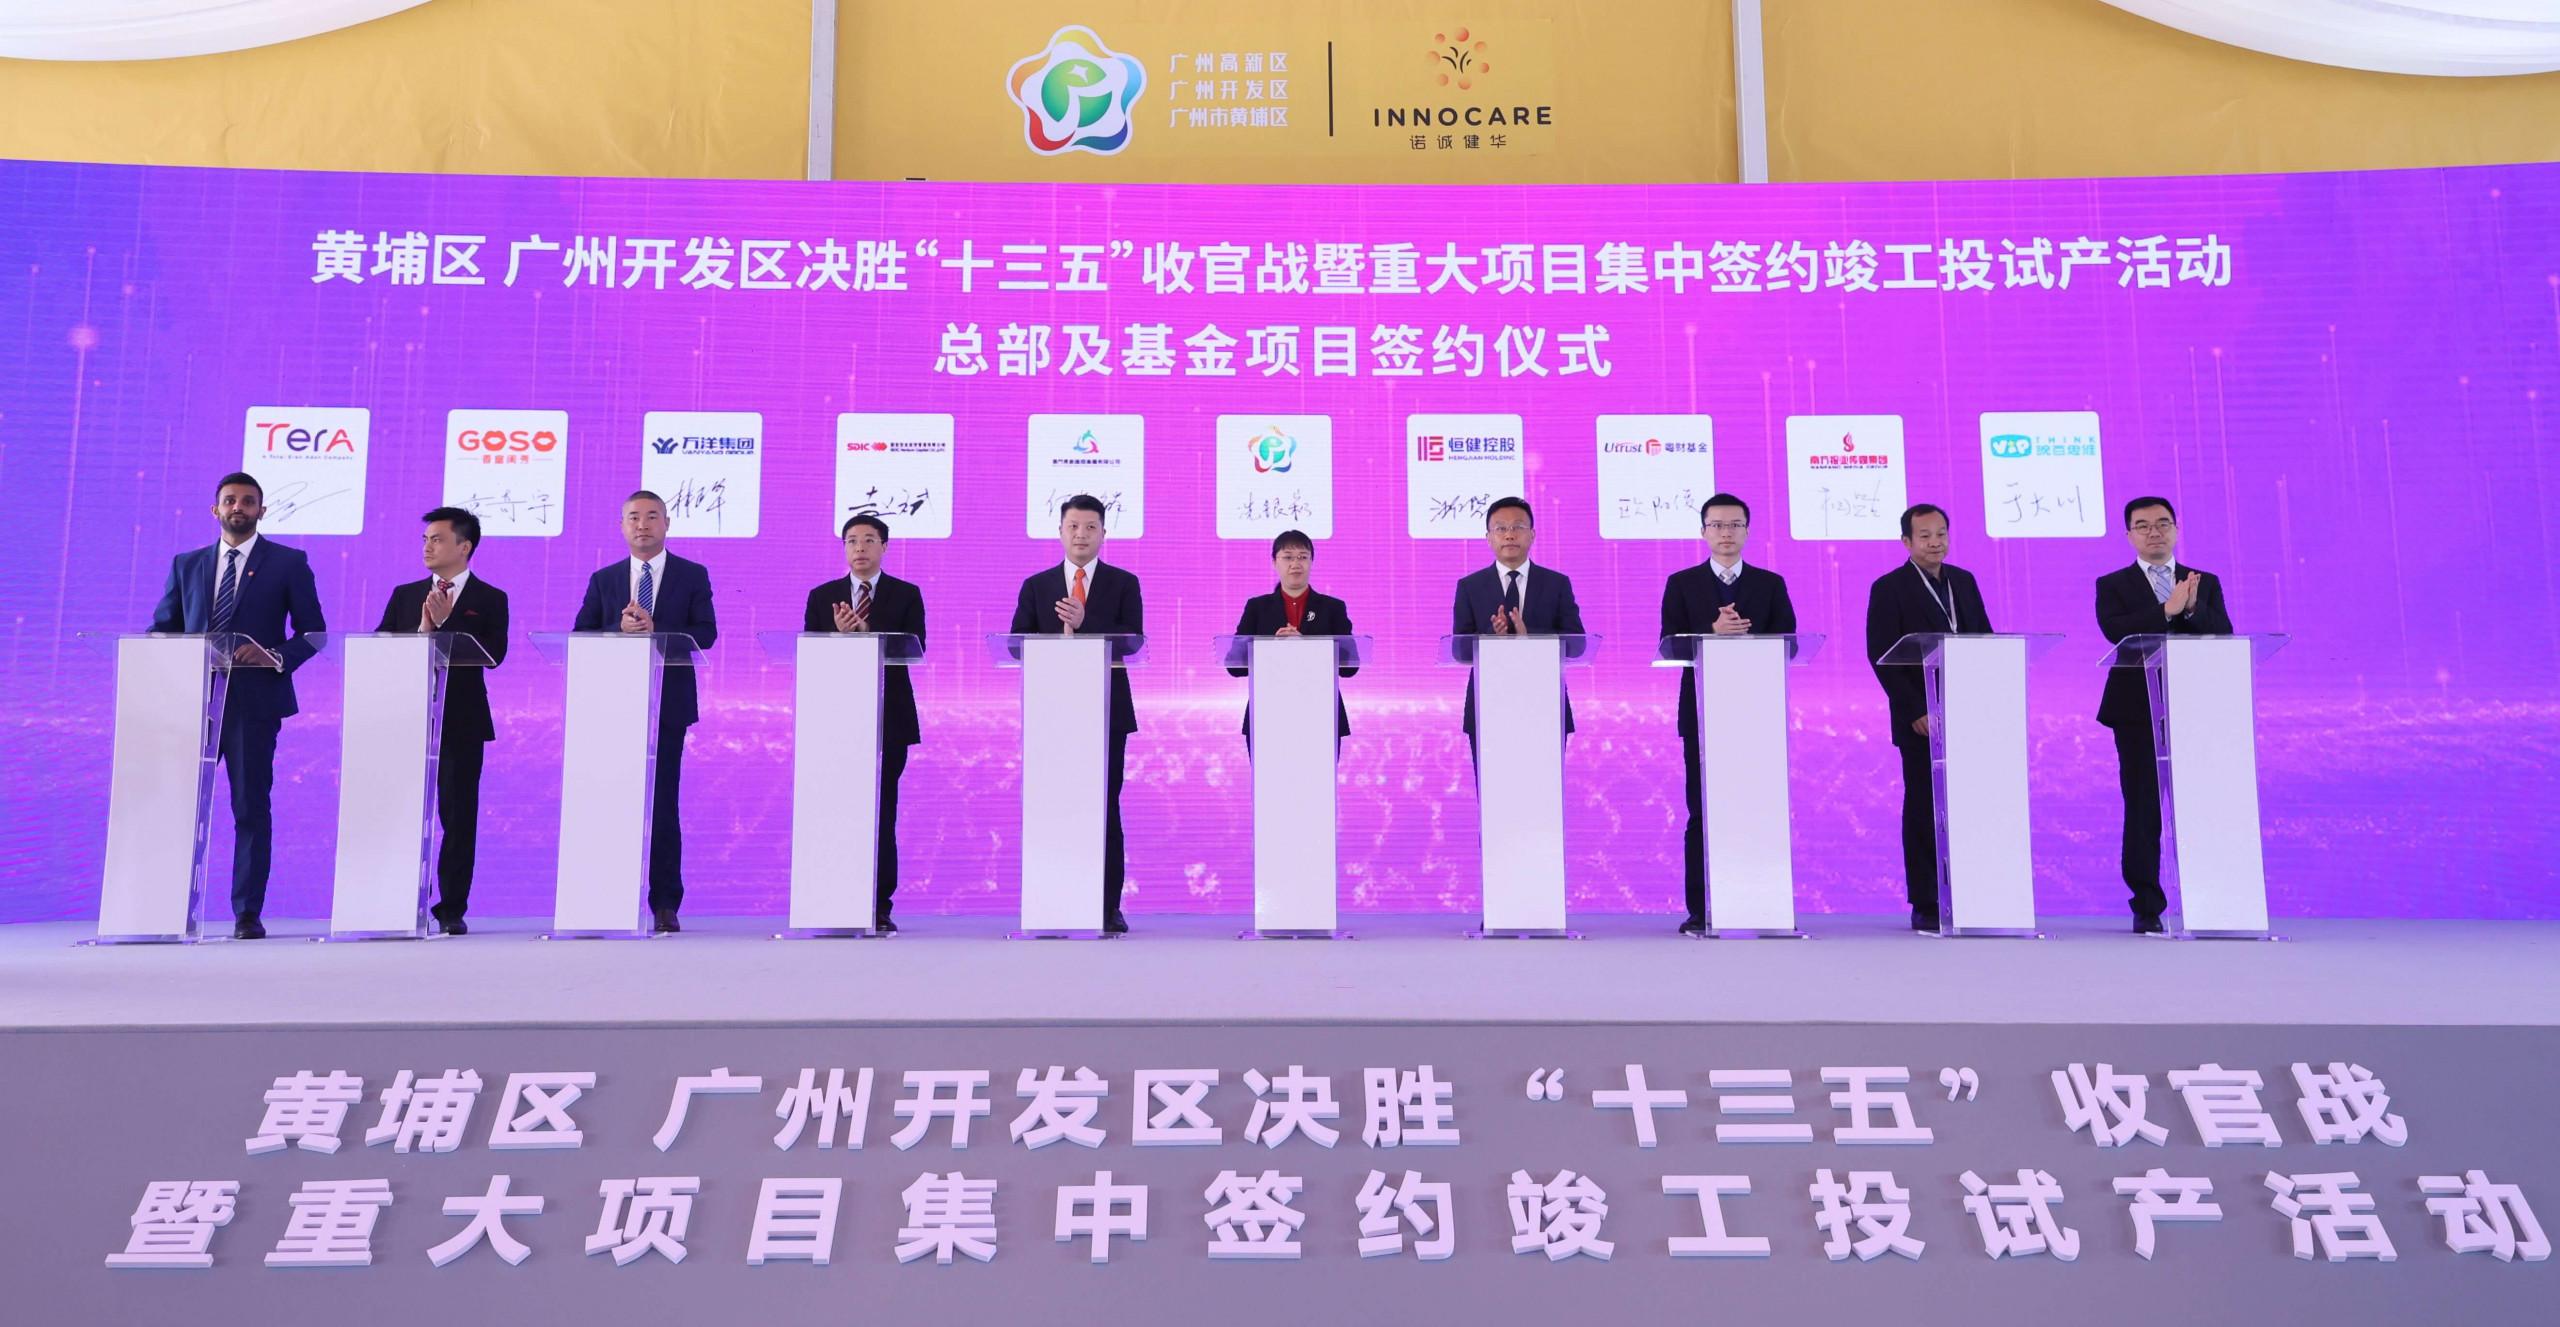 Tera能源与广州黄埔区签约绿色低碳发展的MOU